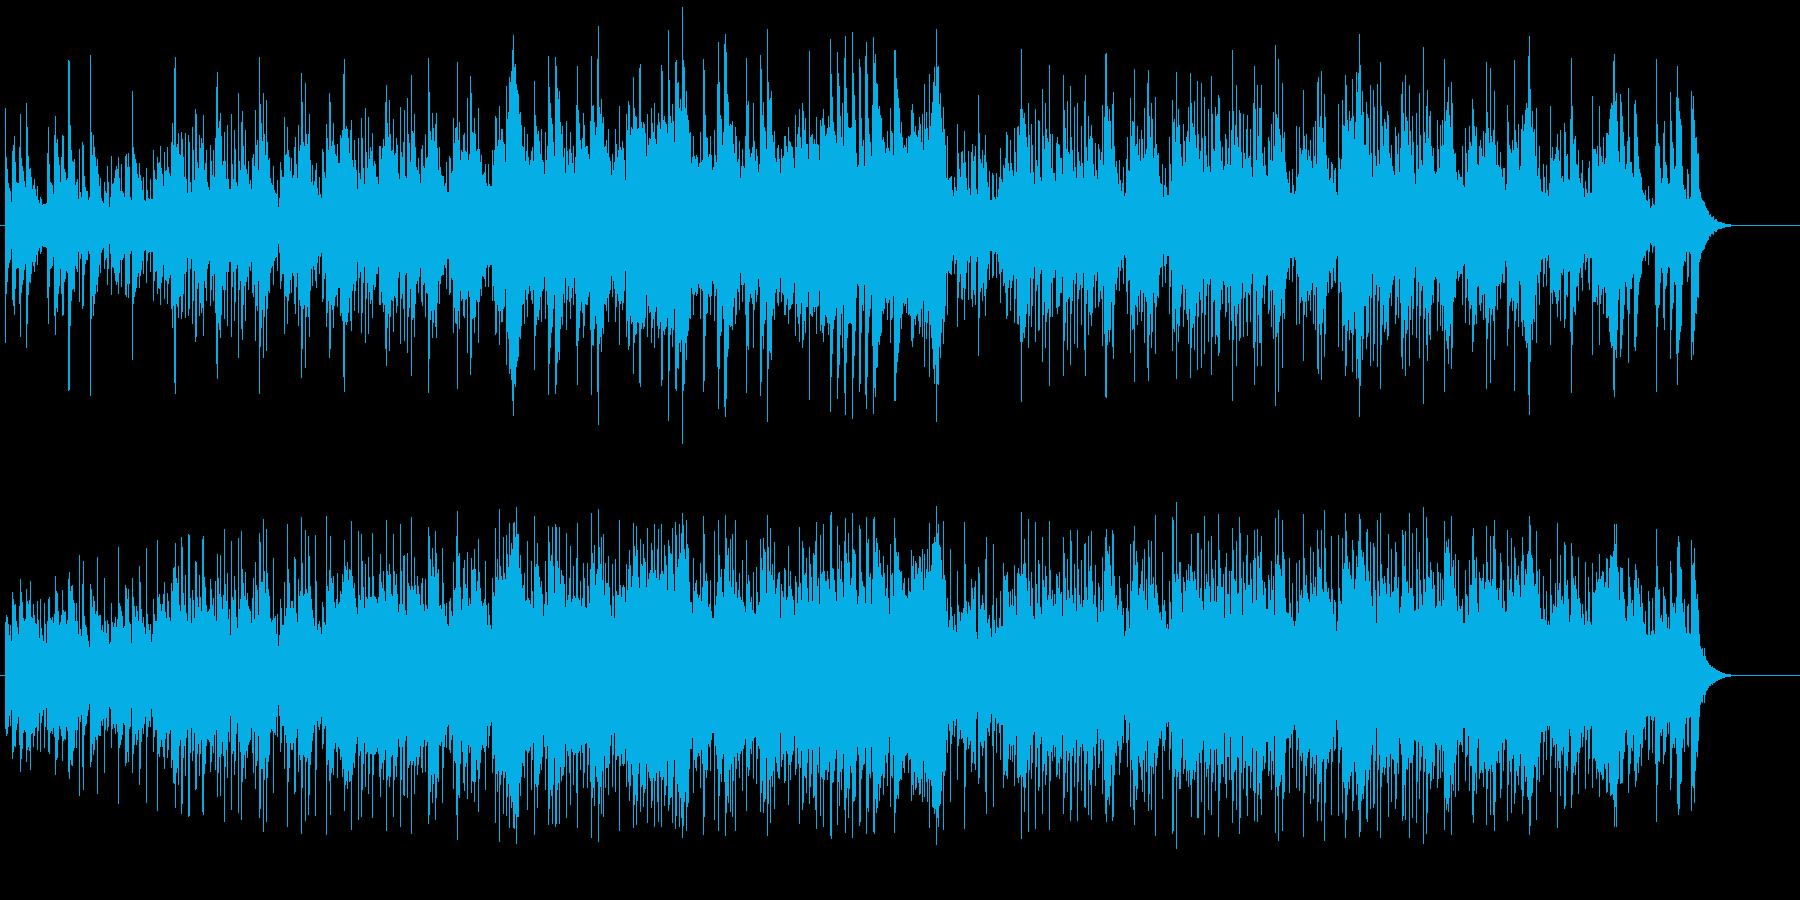 マリンバによる清涼感溢れた繊細なポップスの再生済みの波形